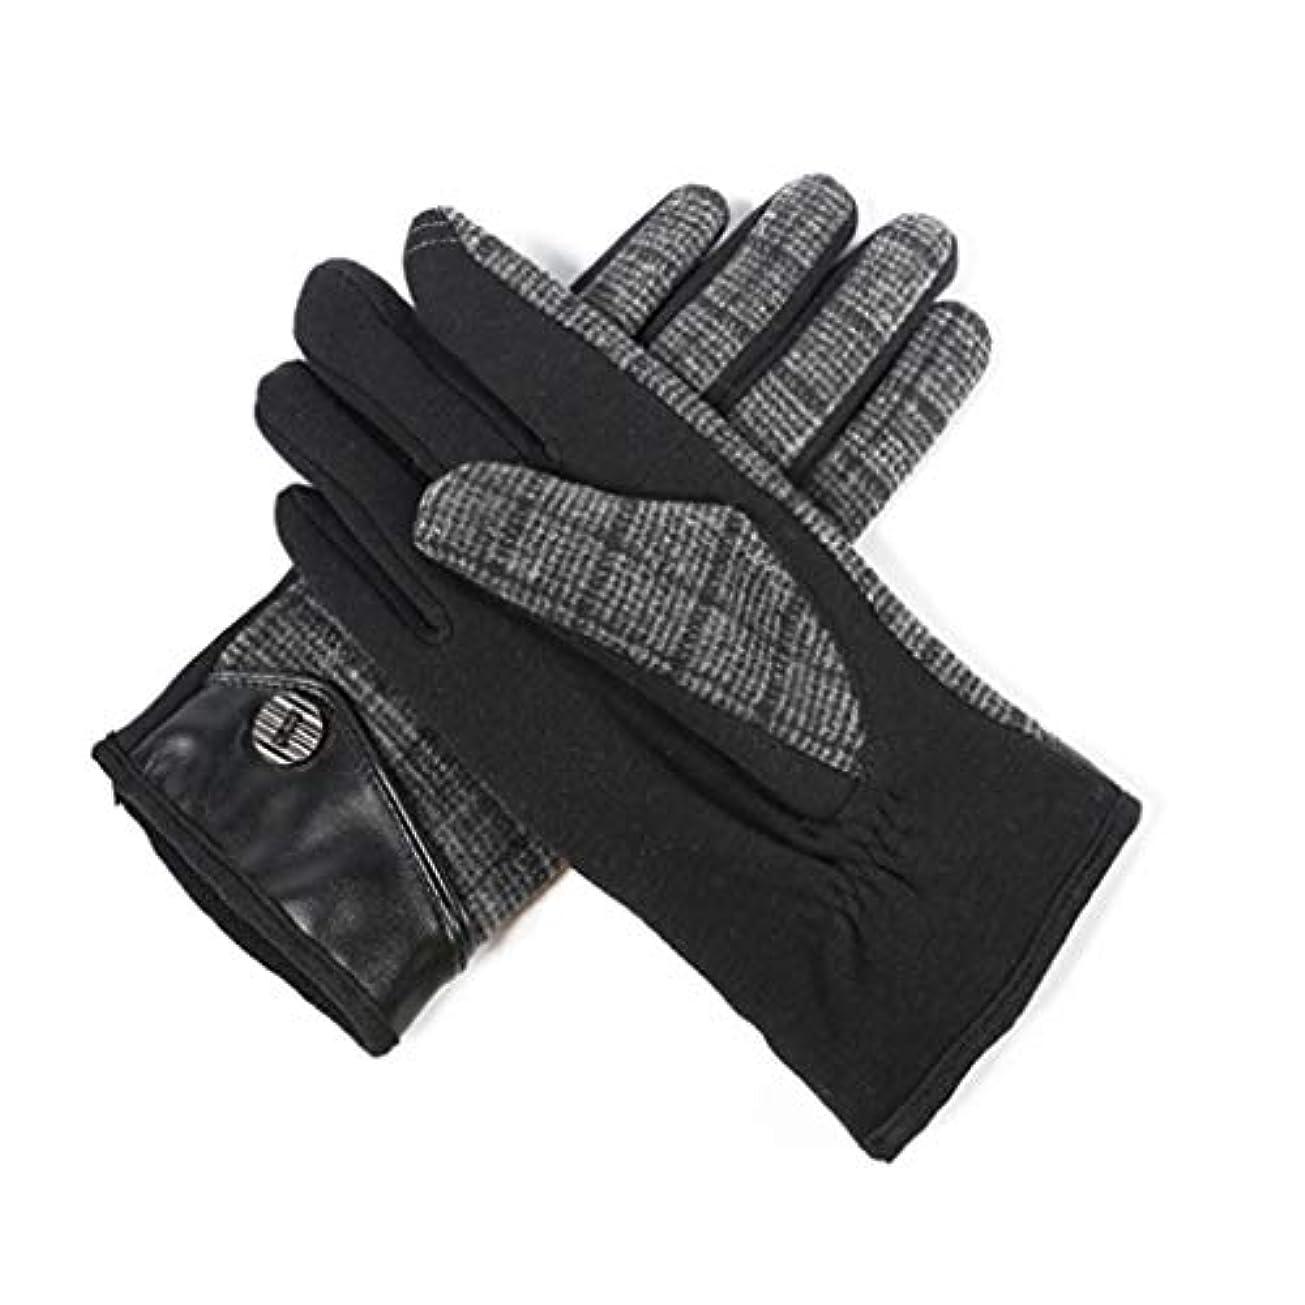 技術父方のゆり暖かいメンズサイクリング用手袋を保つための男性用手袋プラスベルベットの秋冬用手袋